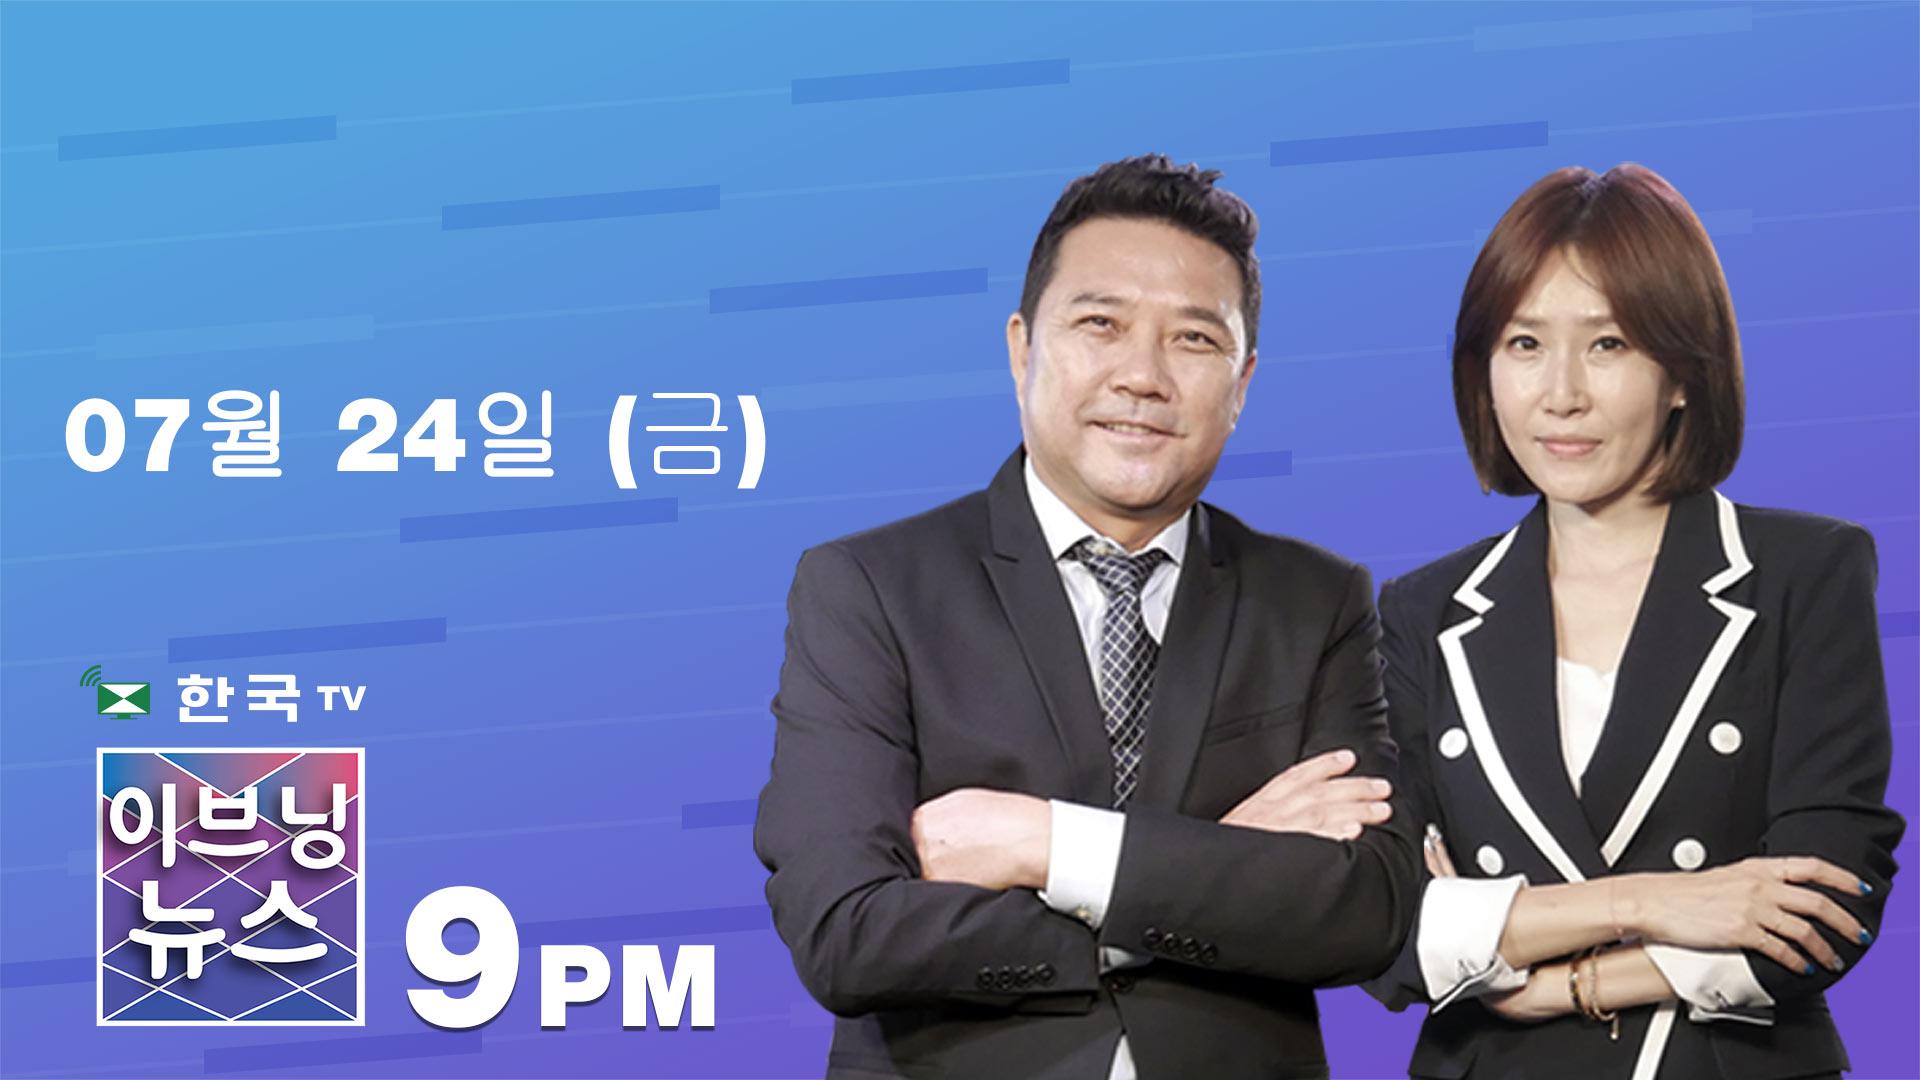 (07.24.2020) 한국TV 이브닝 뉴스